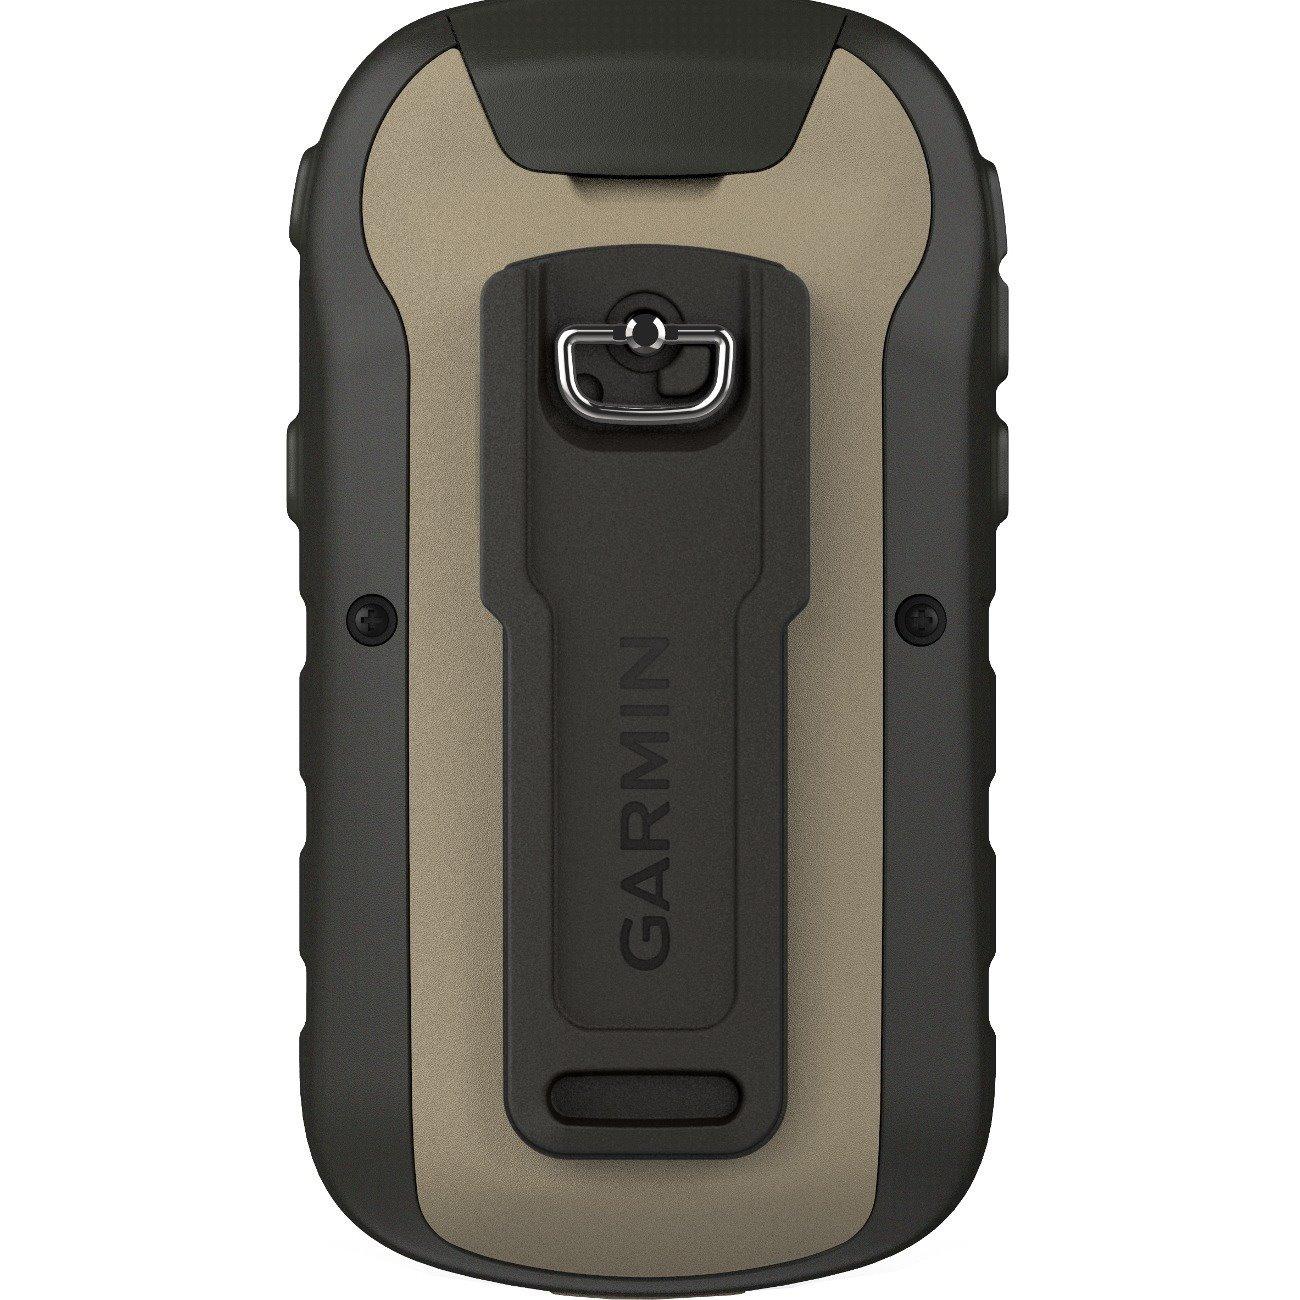 Garmin eTrex 32x Handheld GPS Navigator - Rugged - Handheld, Mountable